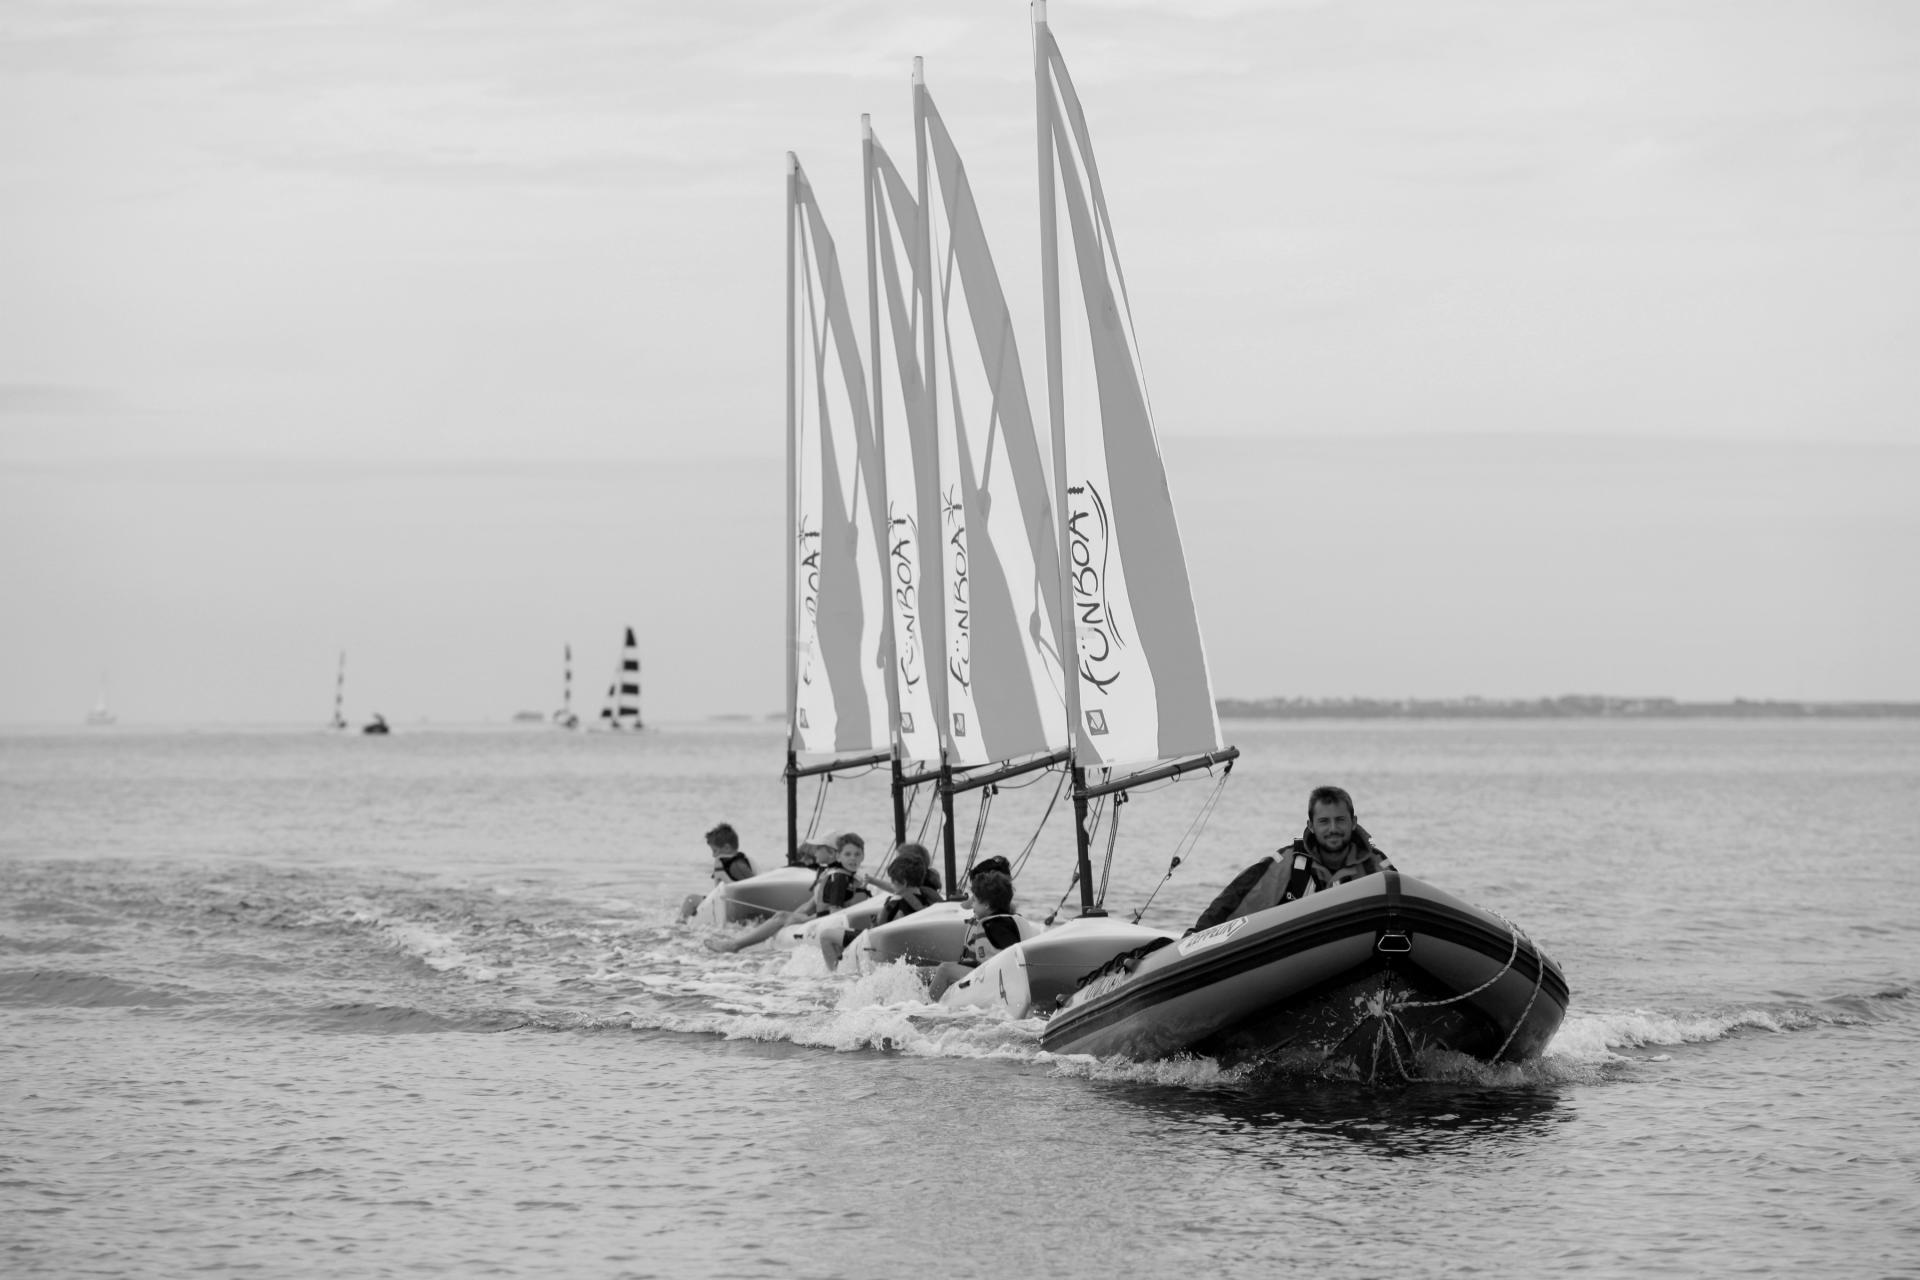 Club Nautique du Rohu - Retour des Funboat en petit train avec Hugo